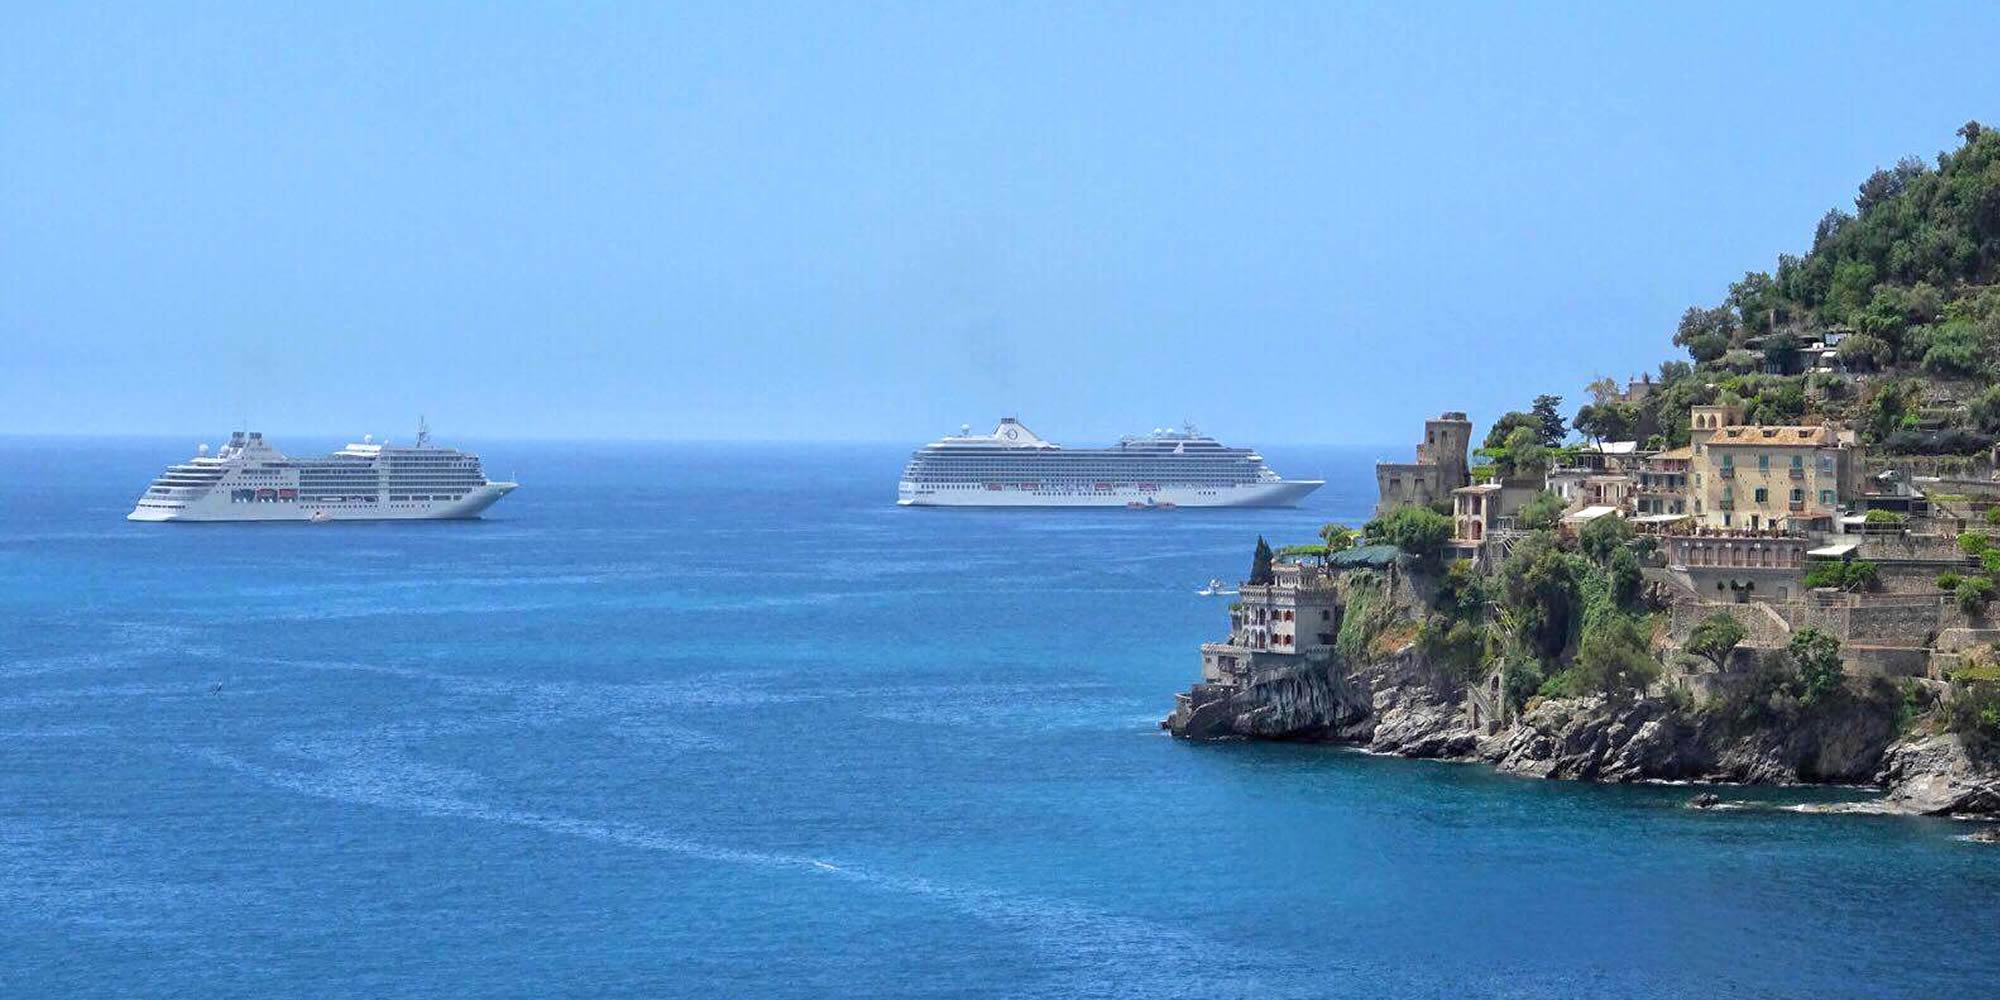 Amalfi cruise port